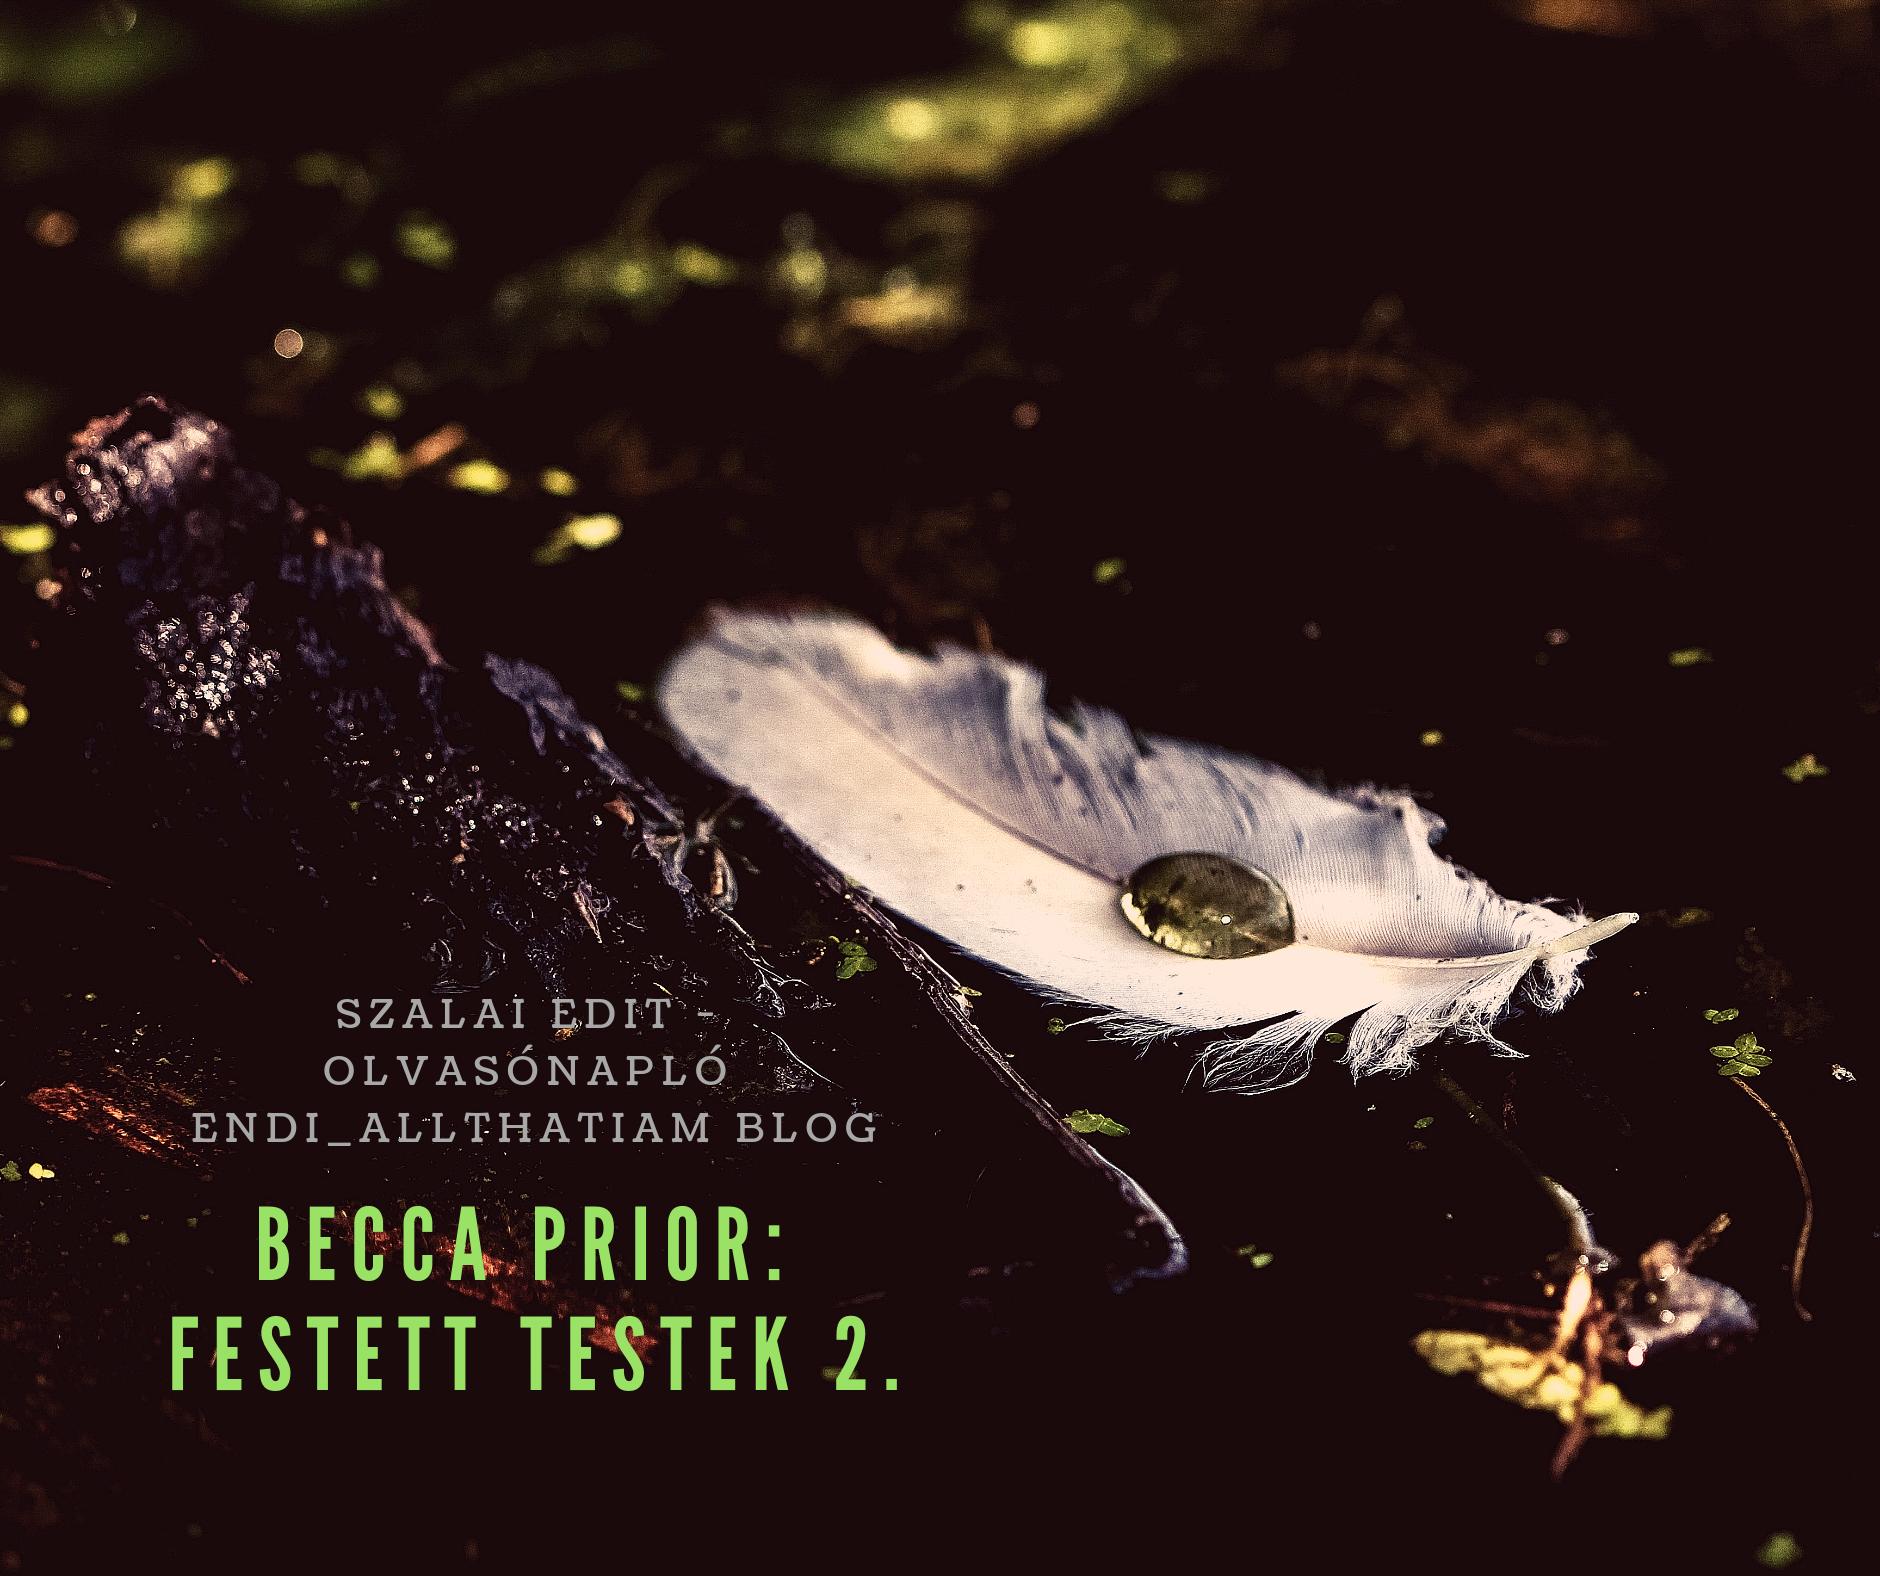 becca_prior_festett_testek_2.png